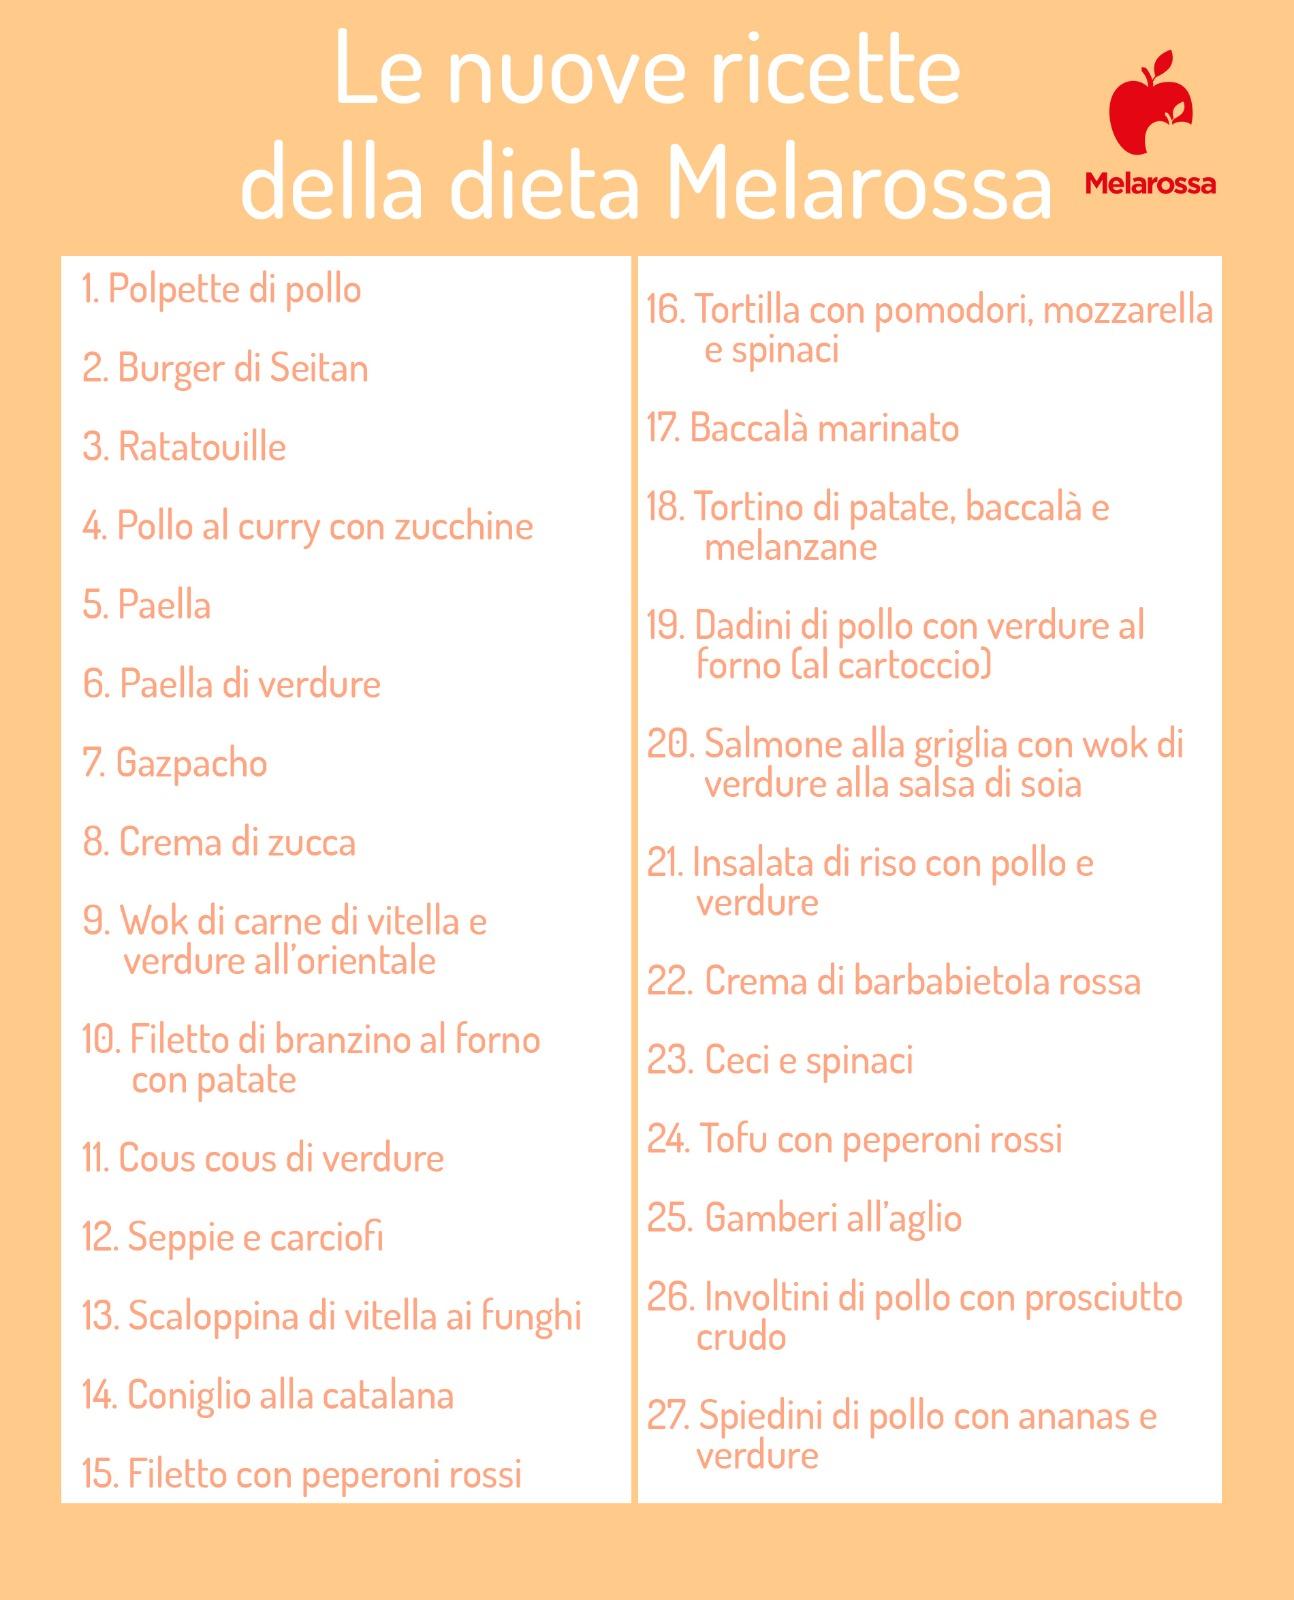 Le nuove ricette della dieta Melarossa